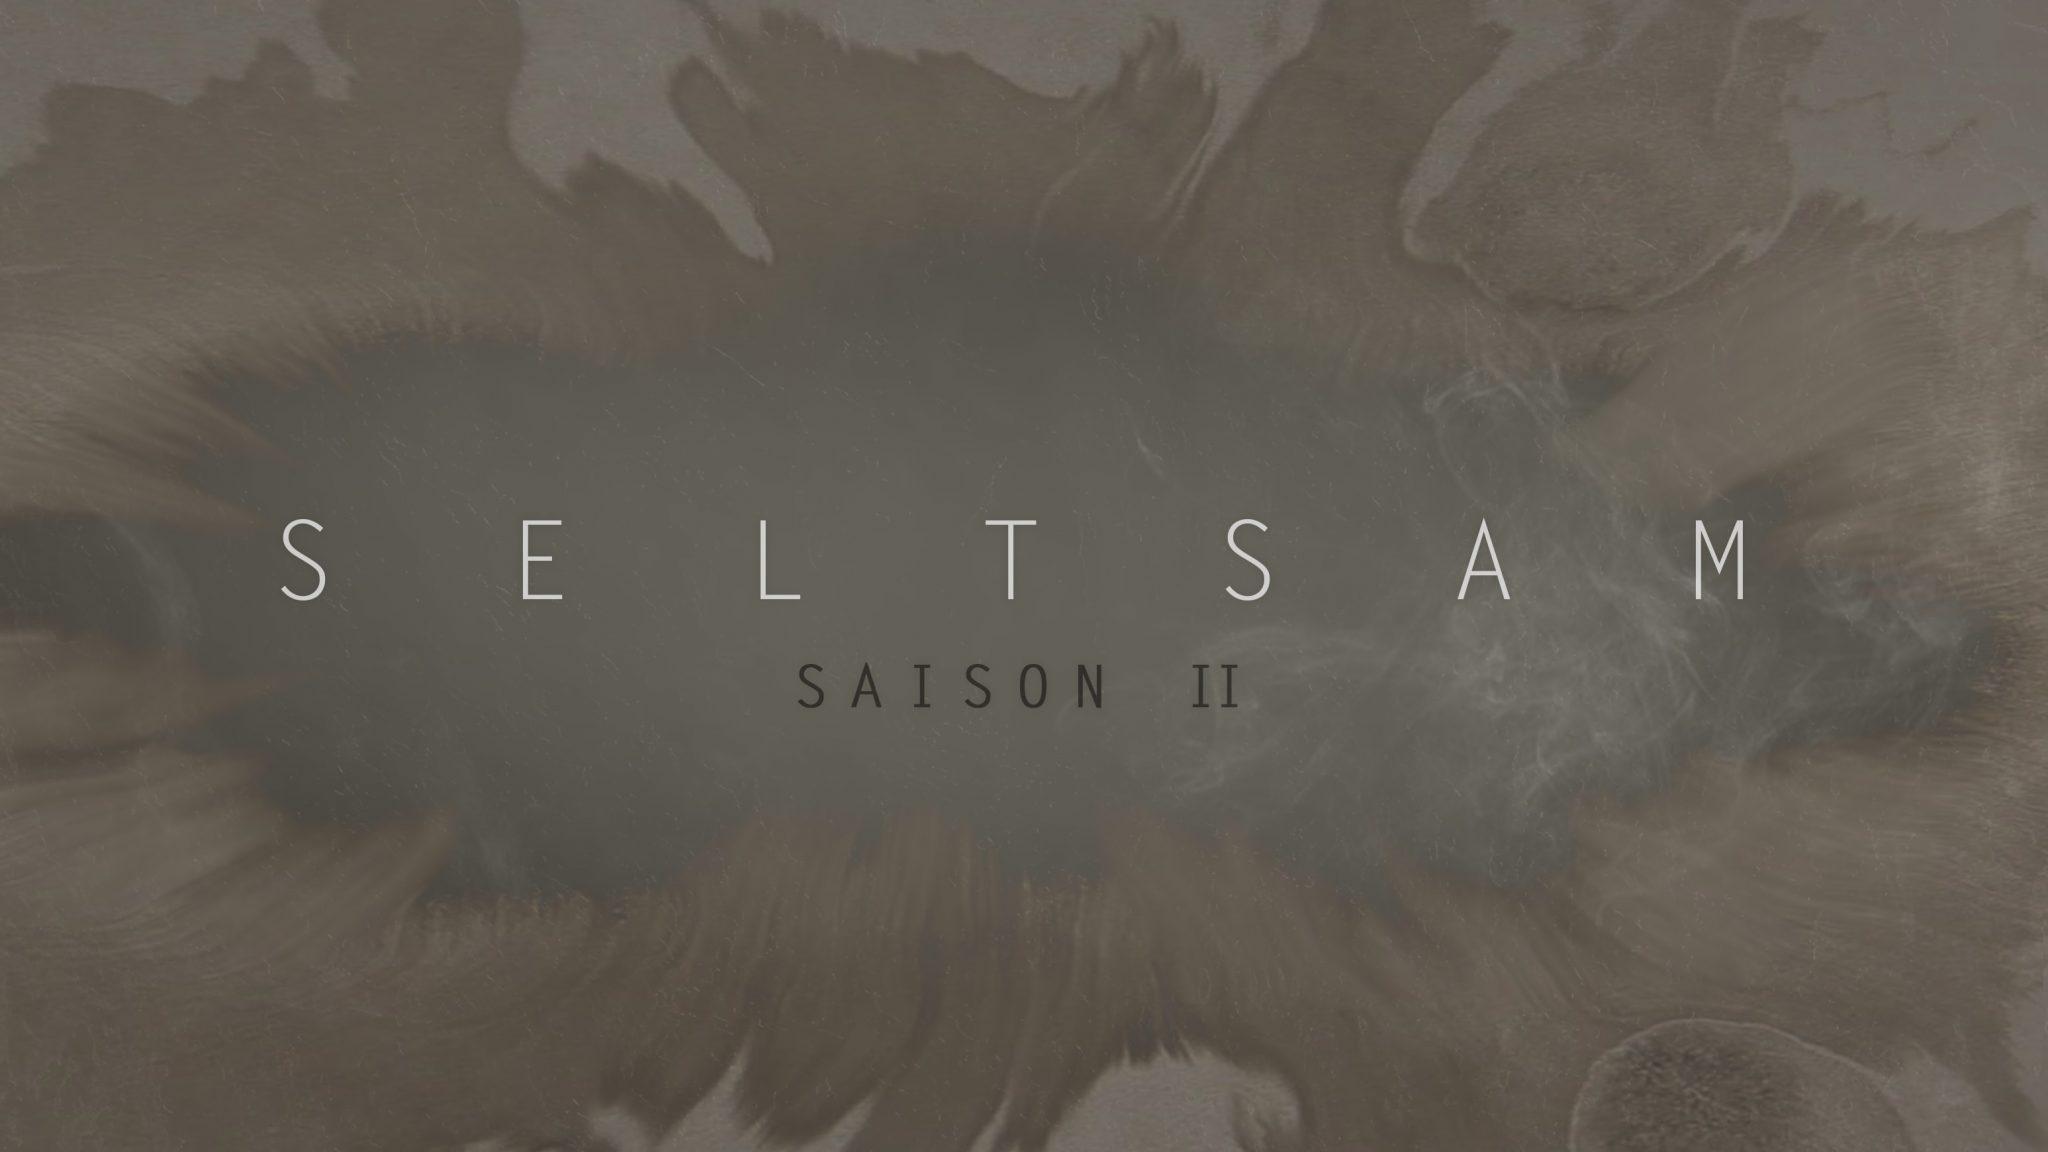 Seltsam saison 2 affiche